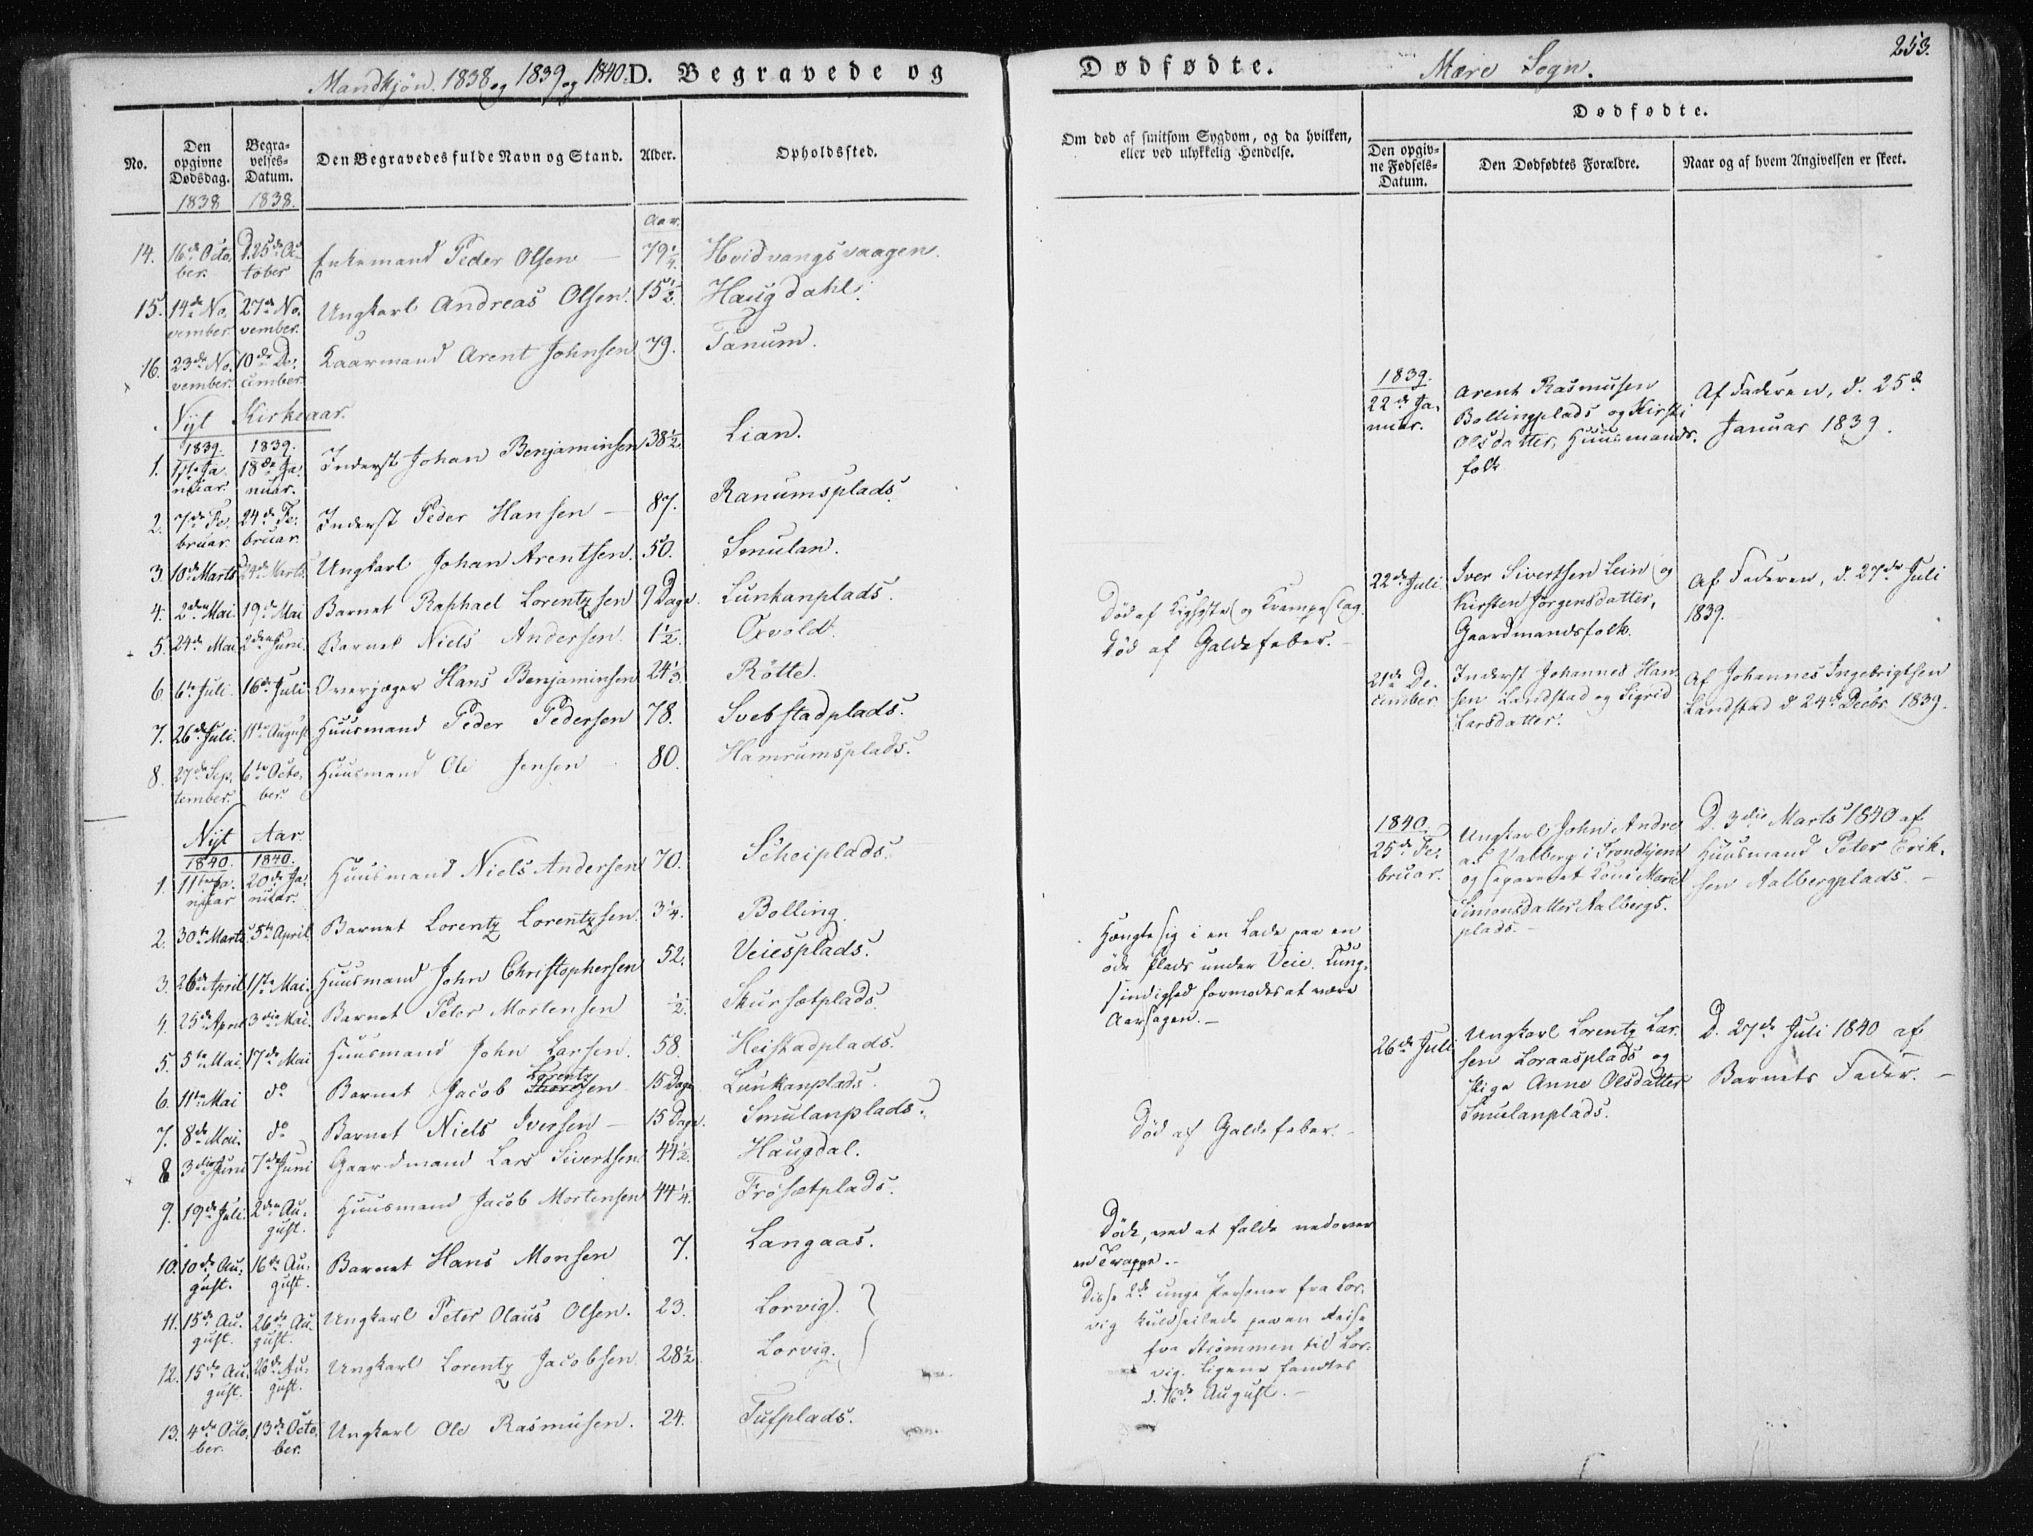 SAT, Ministerialprotokoller, klokkerbøker og fødselsregistre - Nord-Trøndelag, 735/L0339: Ministerialbok nr. 735A06 /1, 1836-1848, s. 253